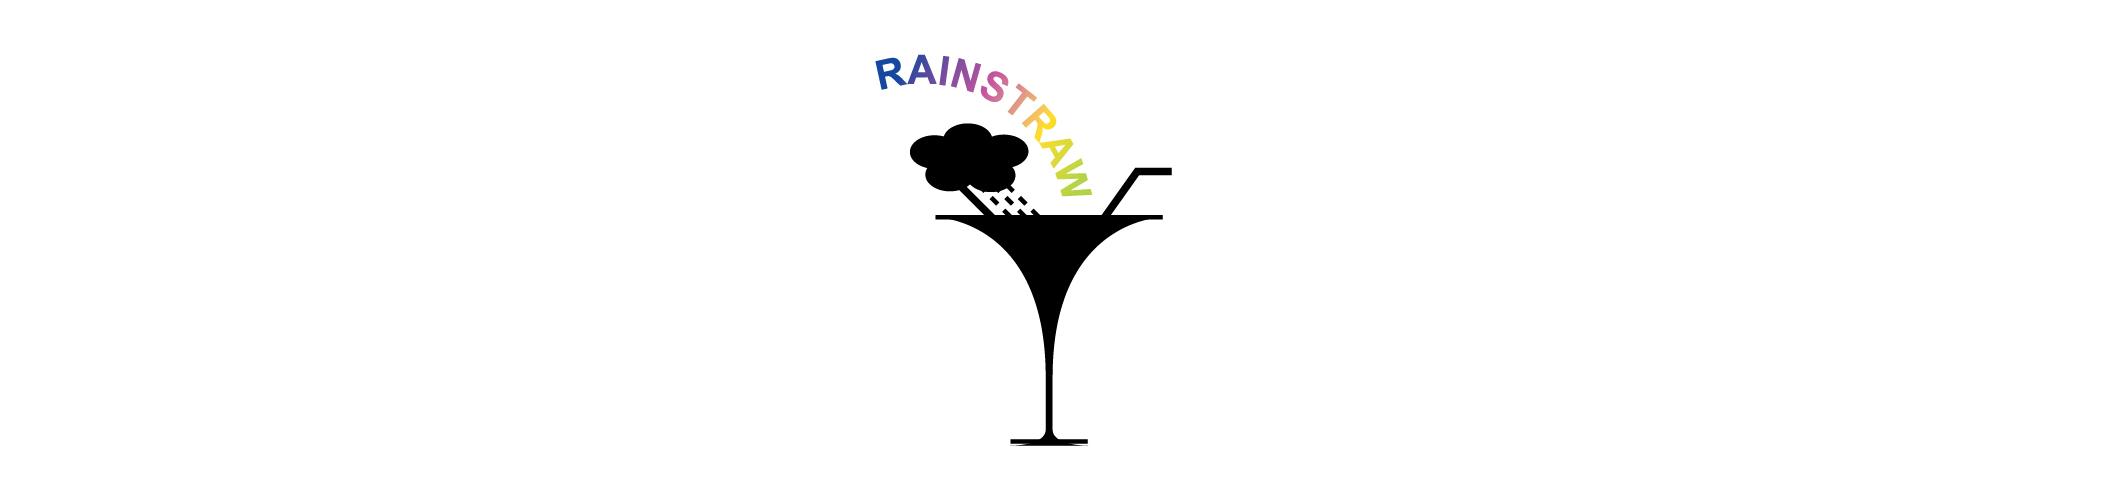 Rainstraw_5.jpg